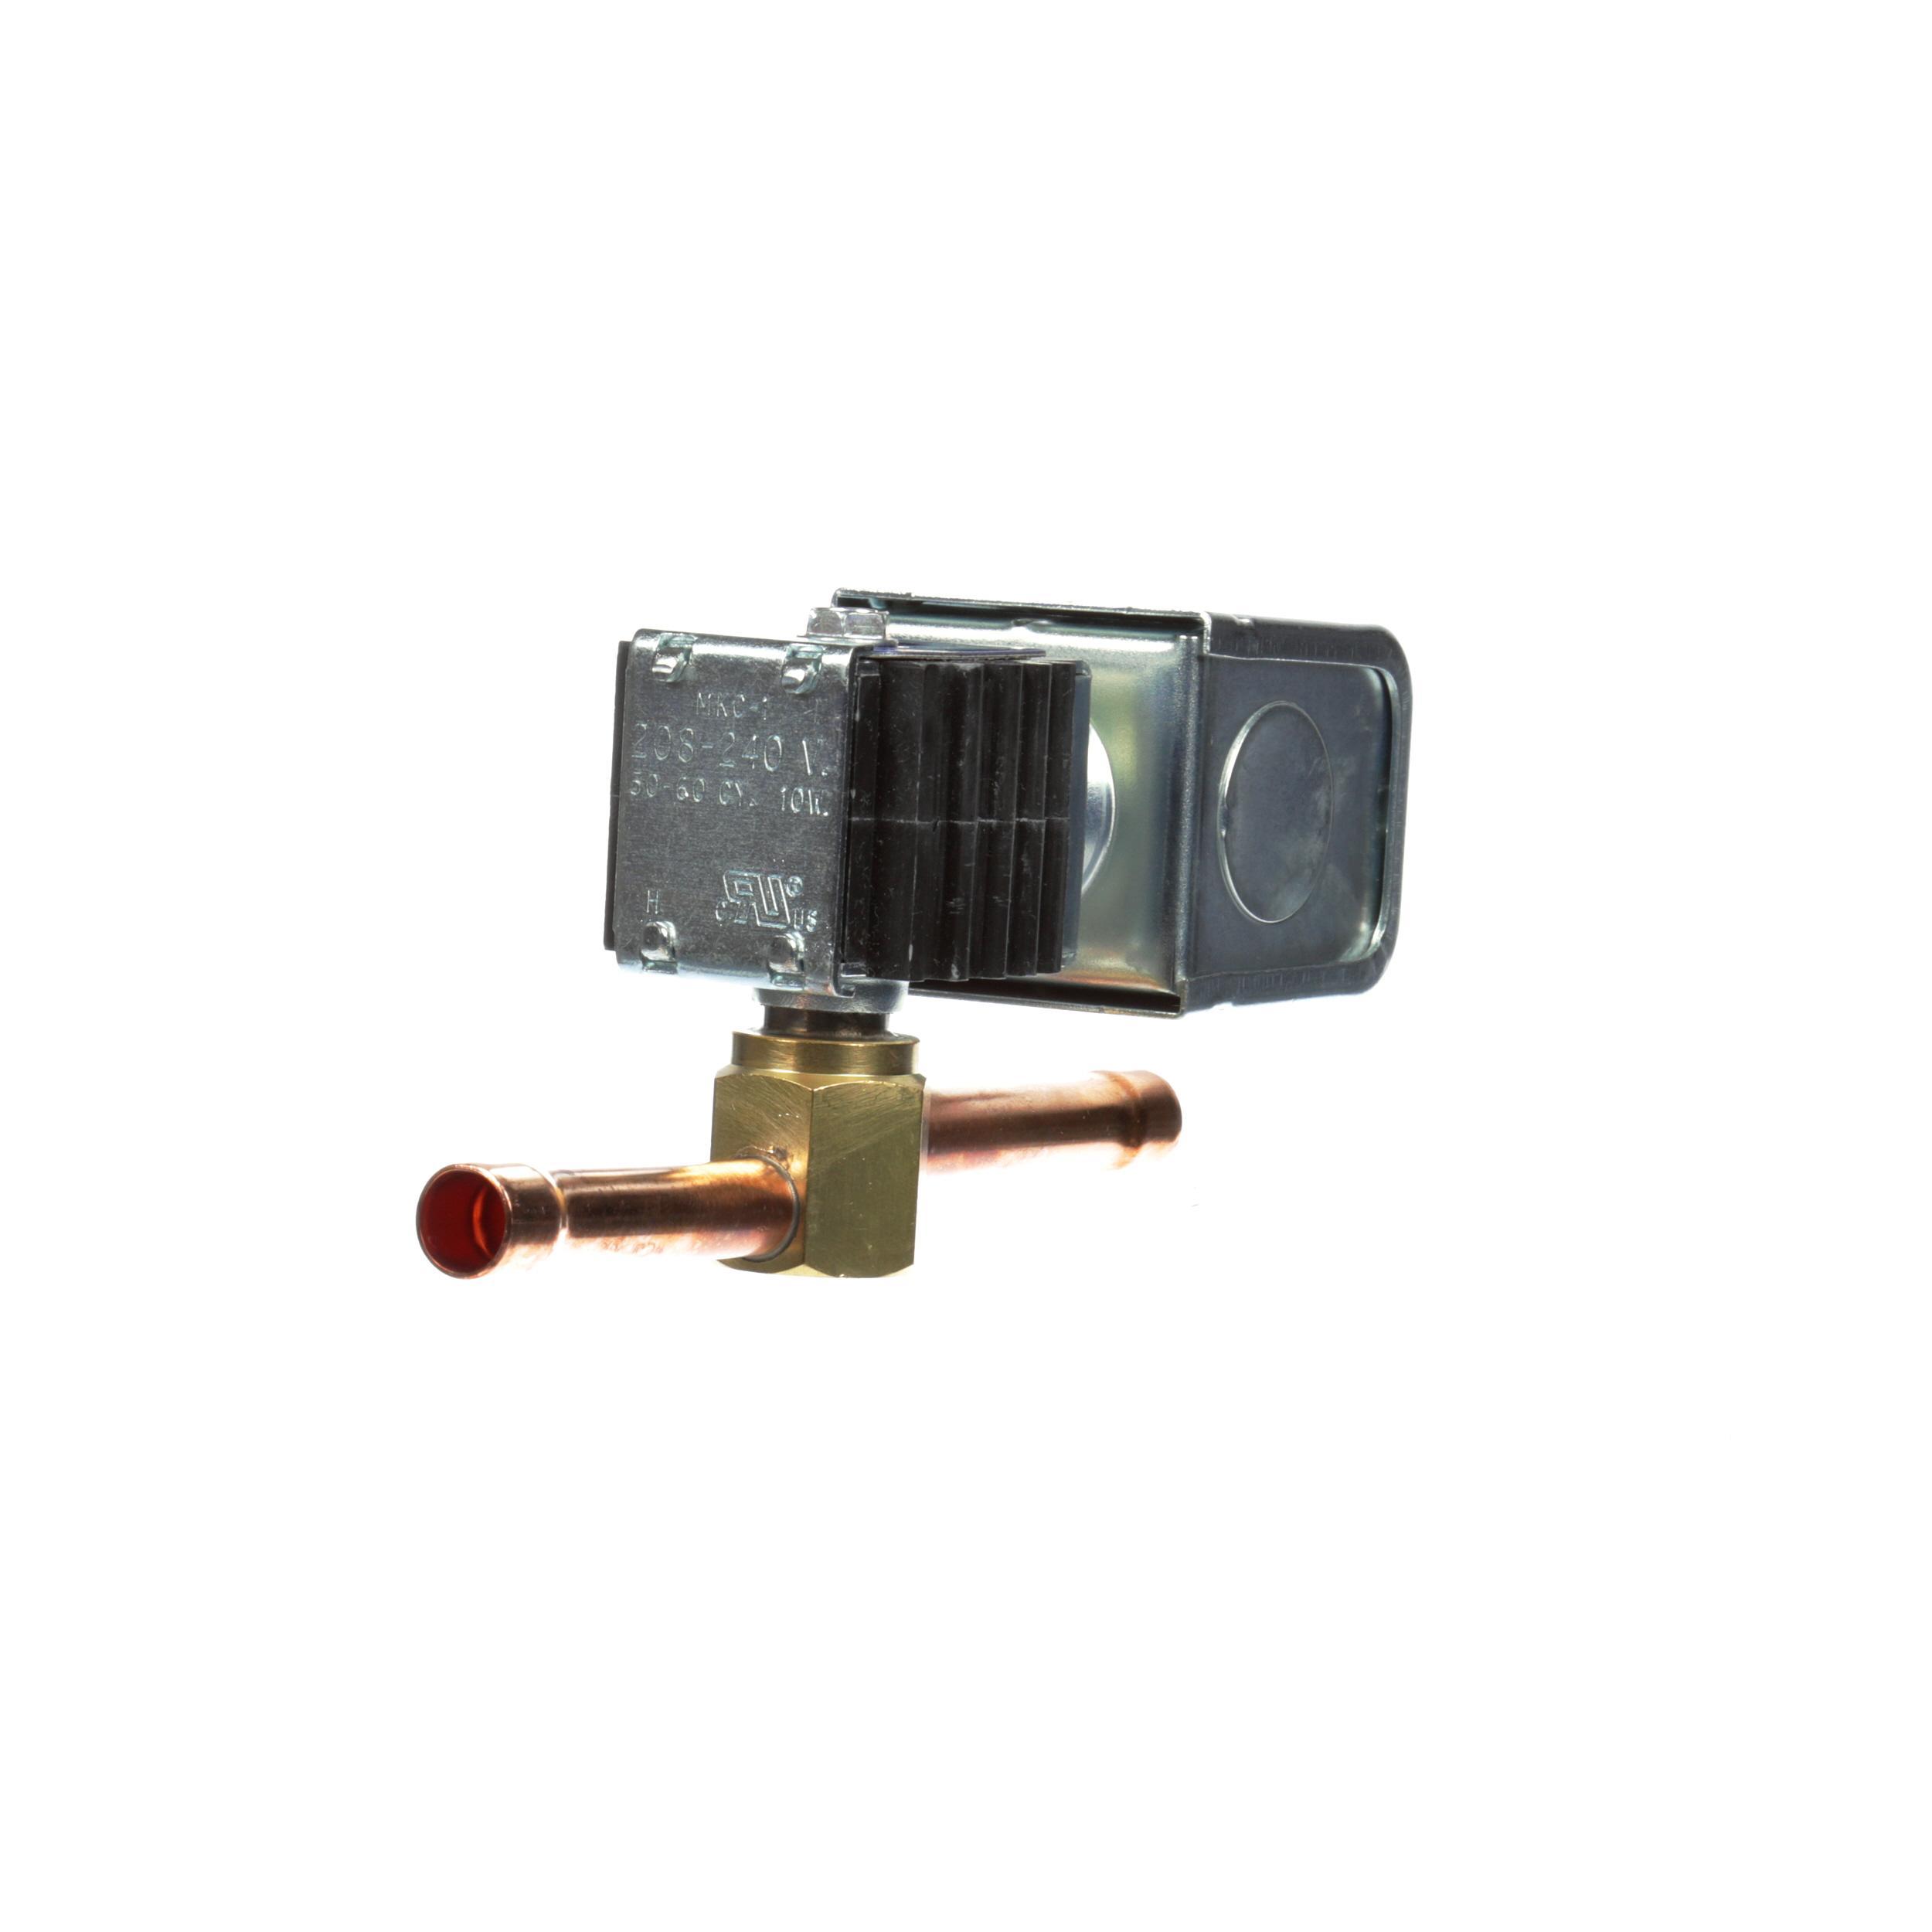 NOR-LAKE SOLENOID E3S130 230V 3/8IN